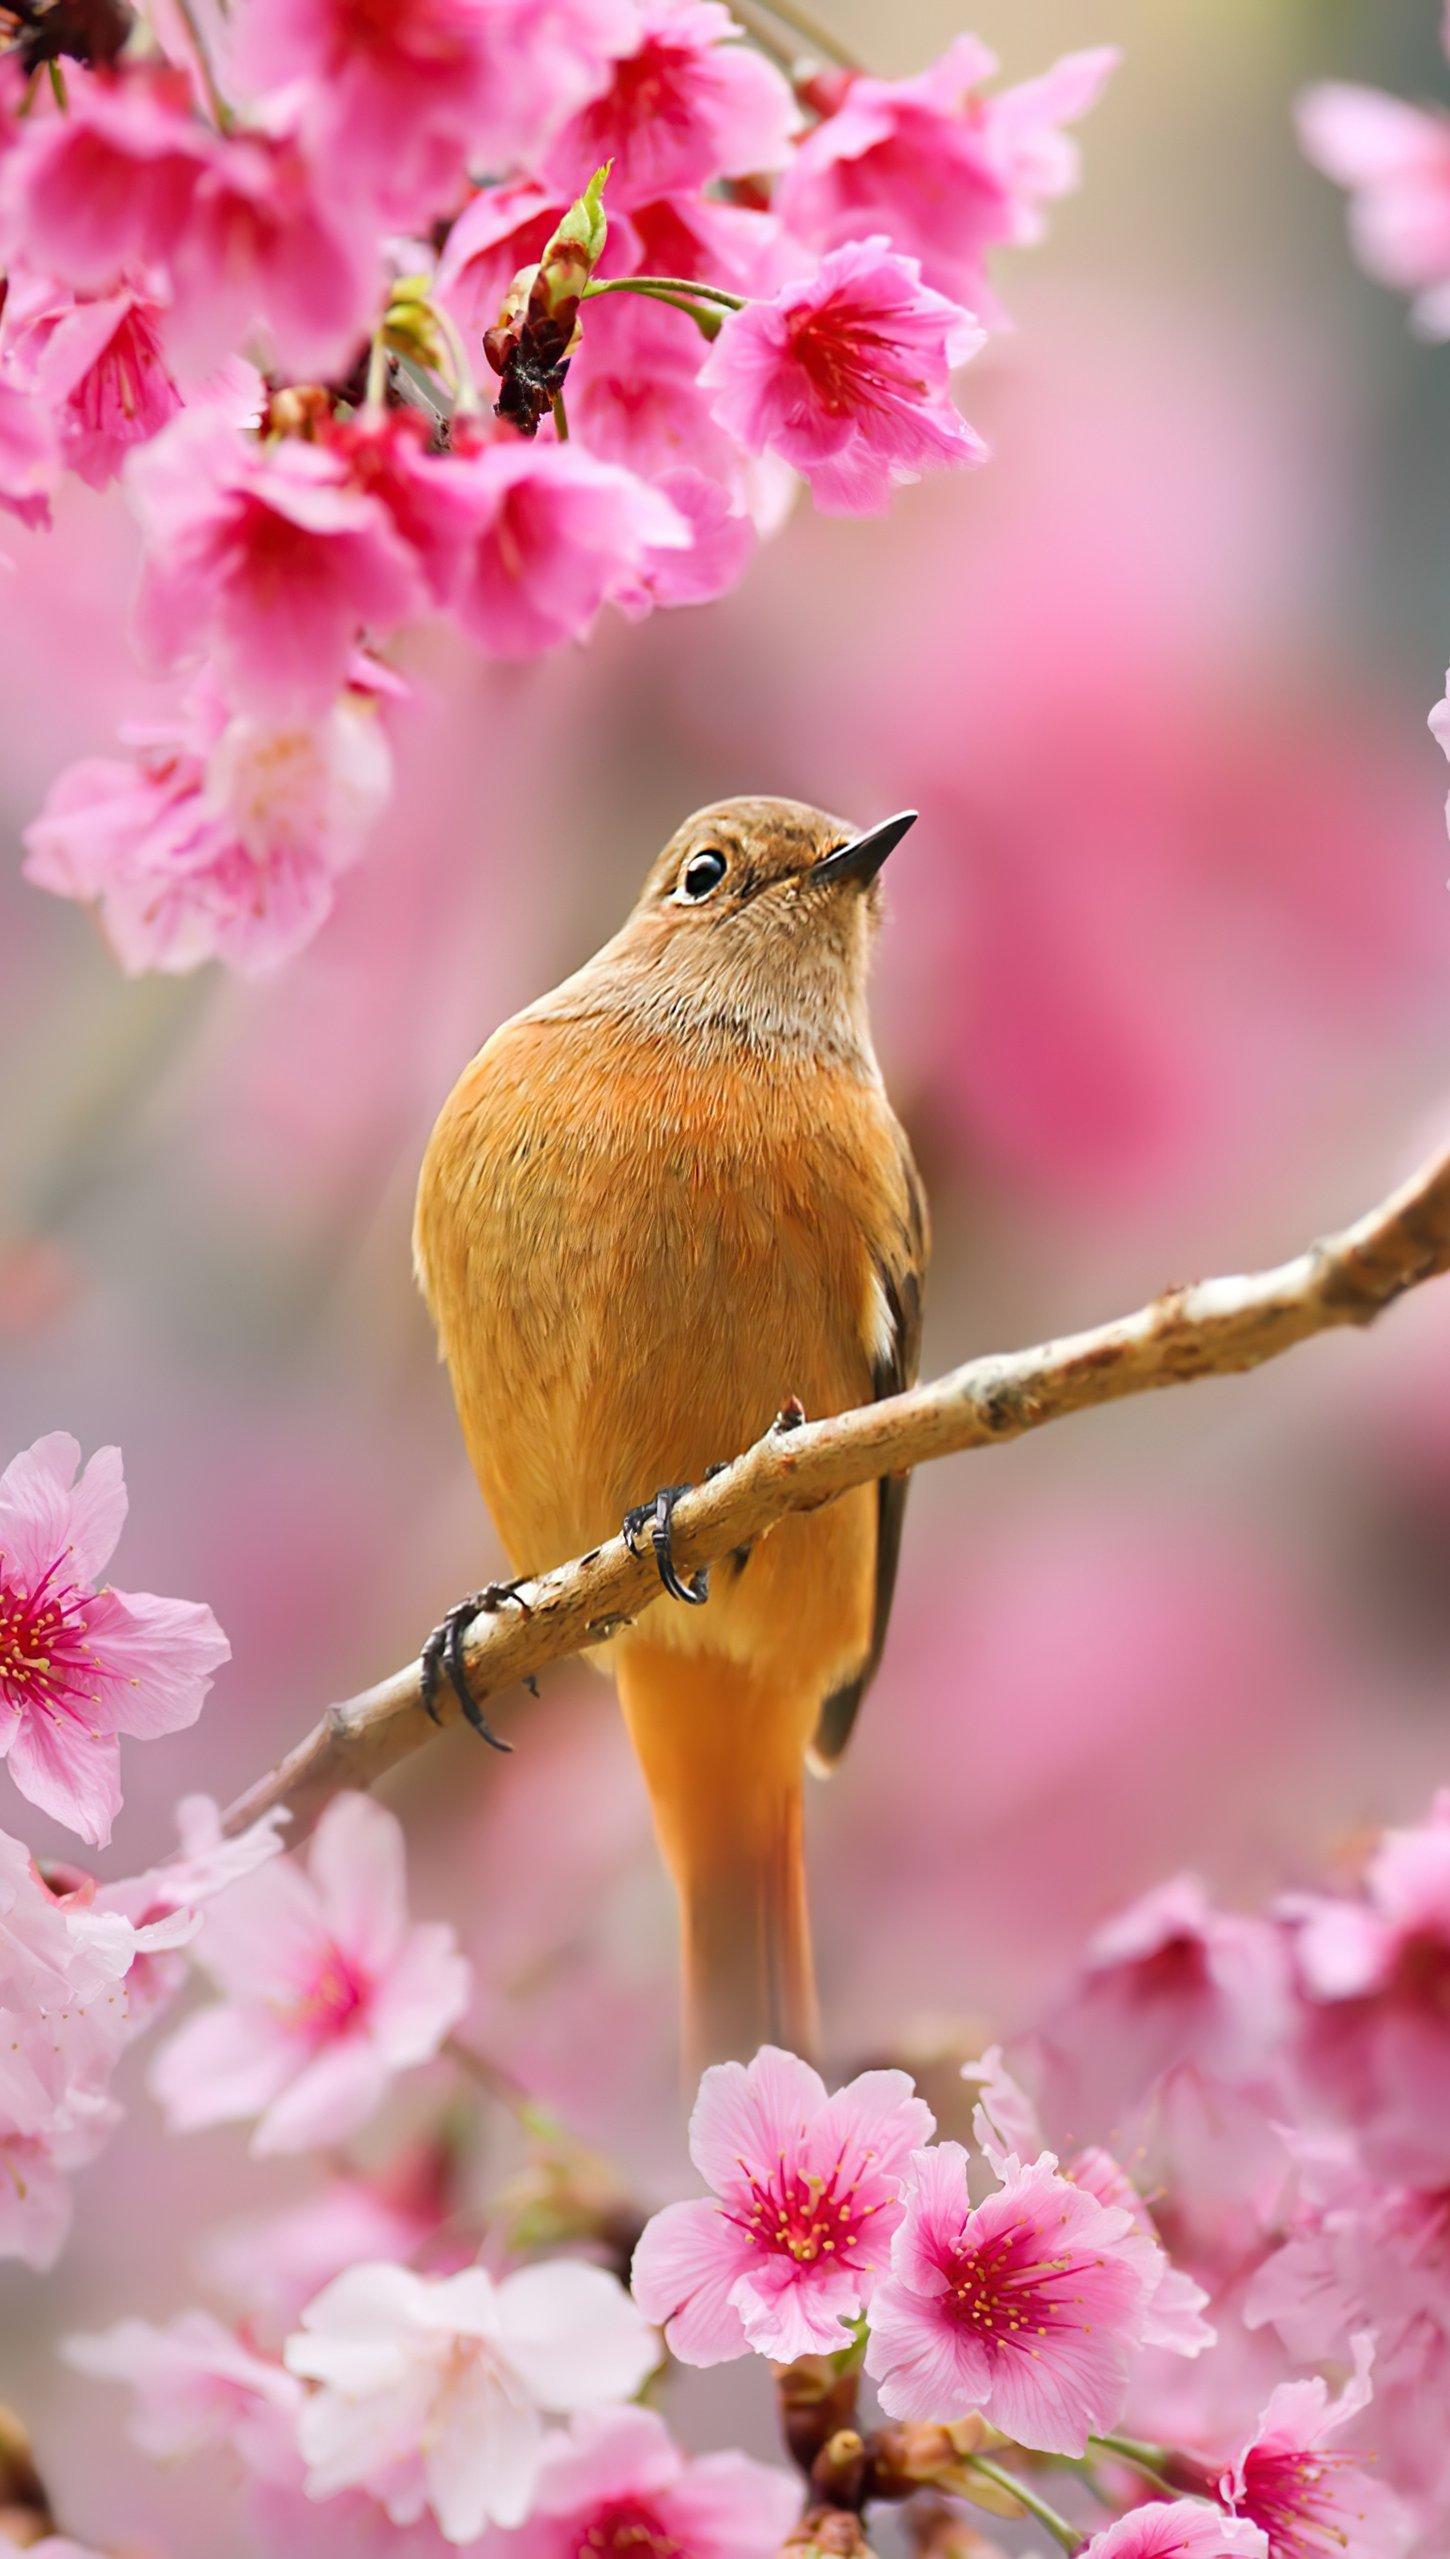 Fondos de pantalla Ave sobre flor de cerezo Vertical